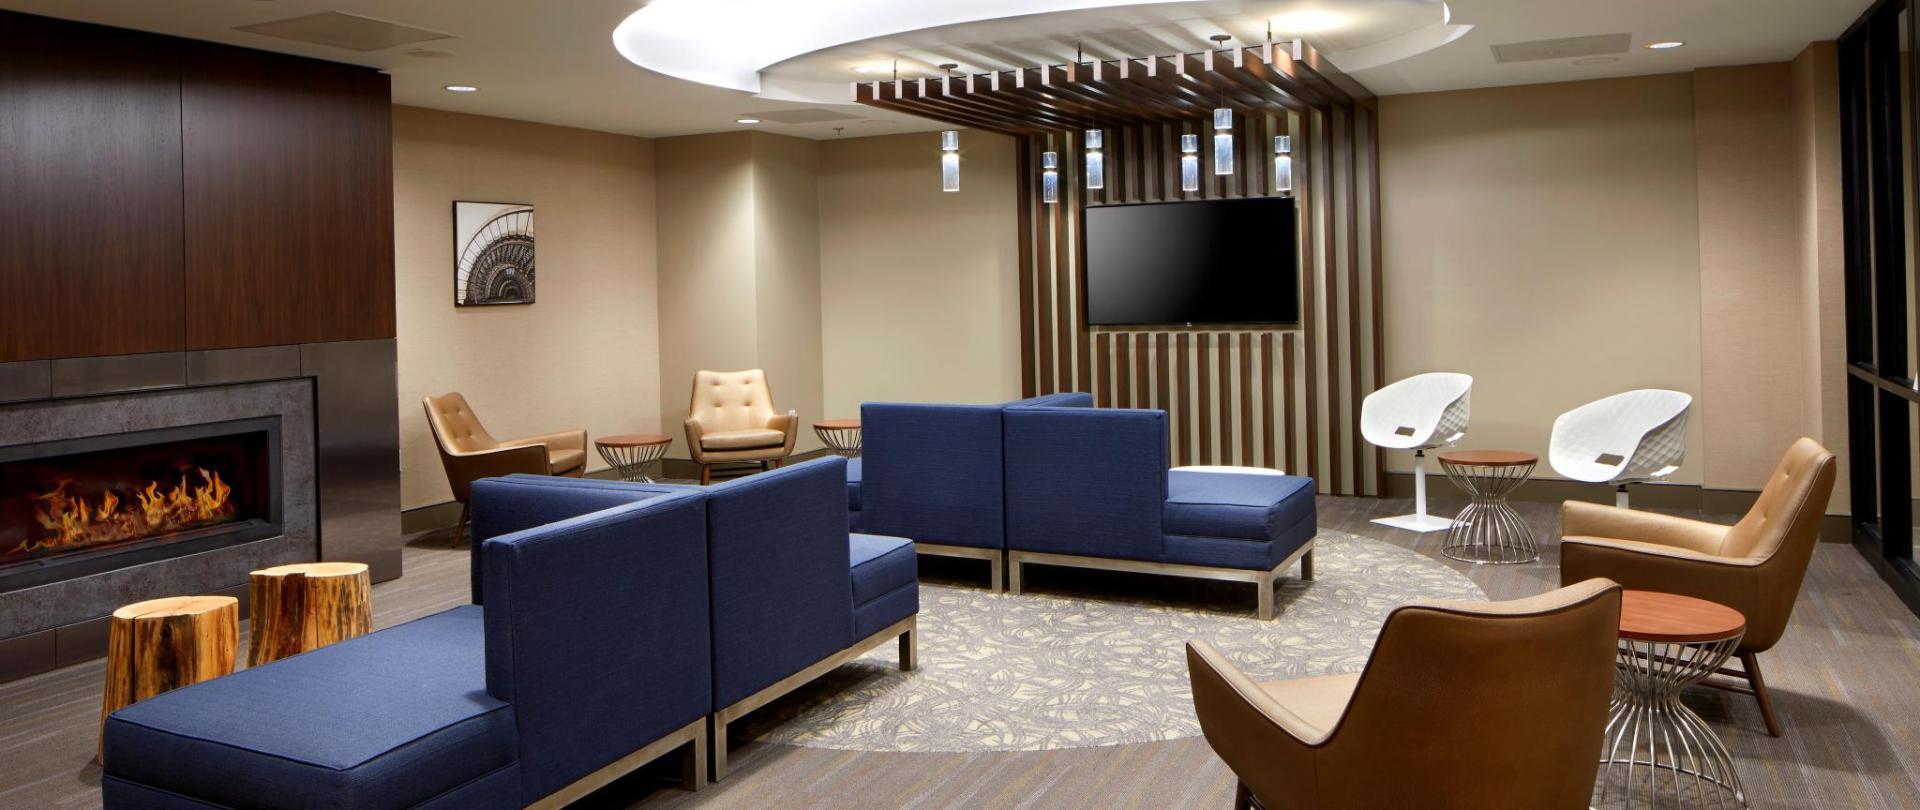 cam_durham_lobby_seating_2017.jpg